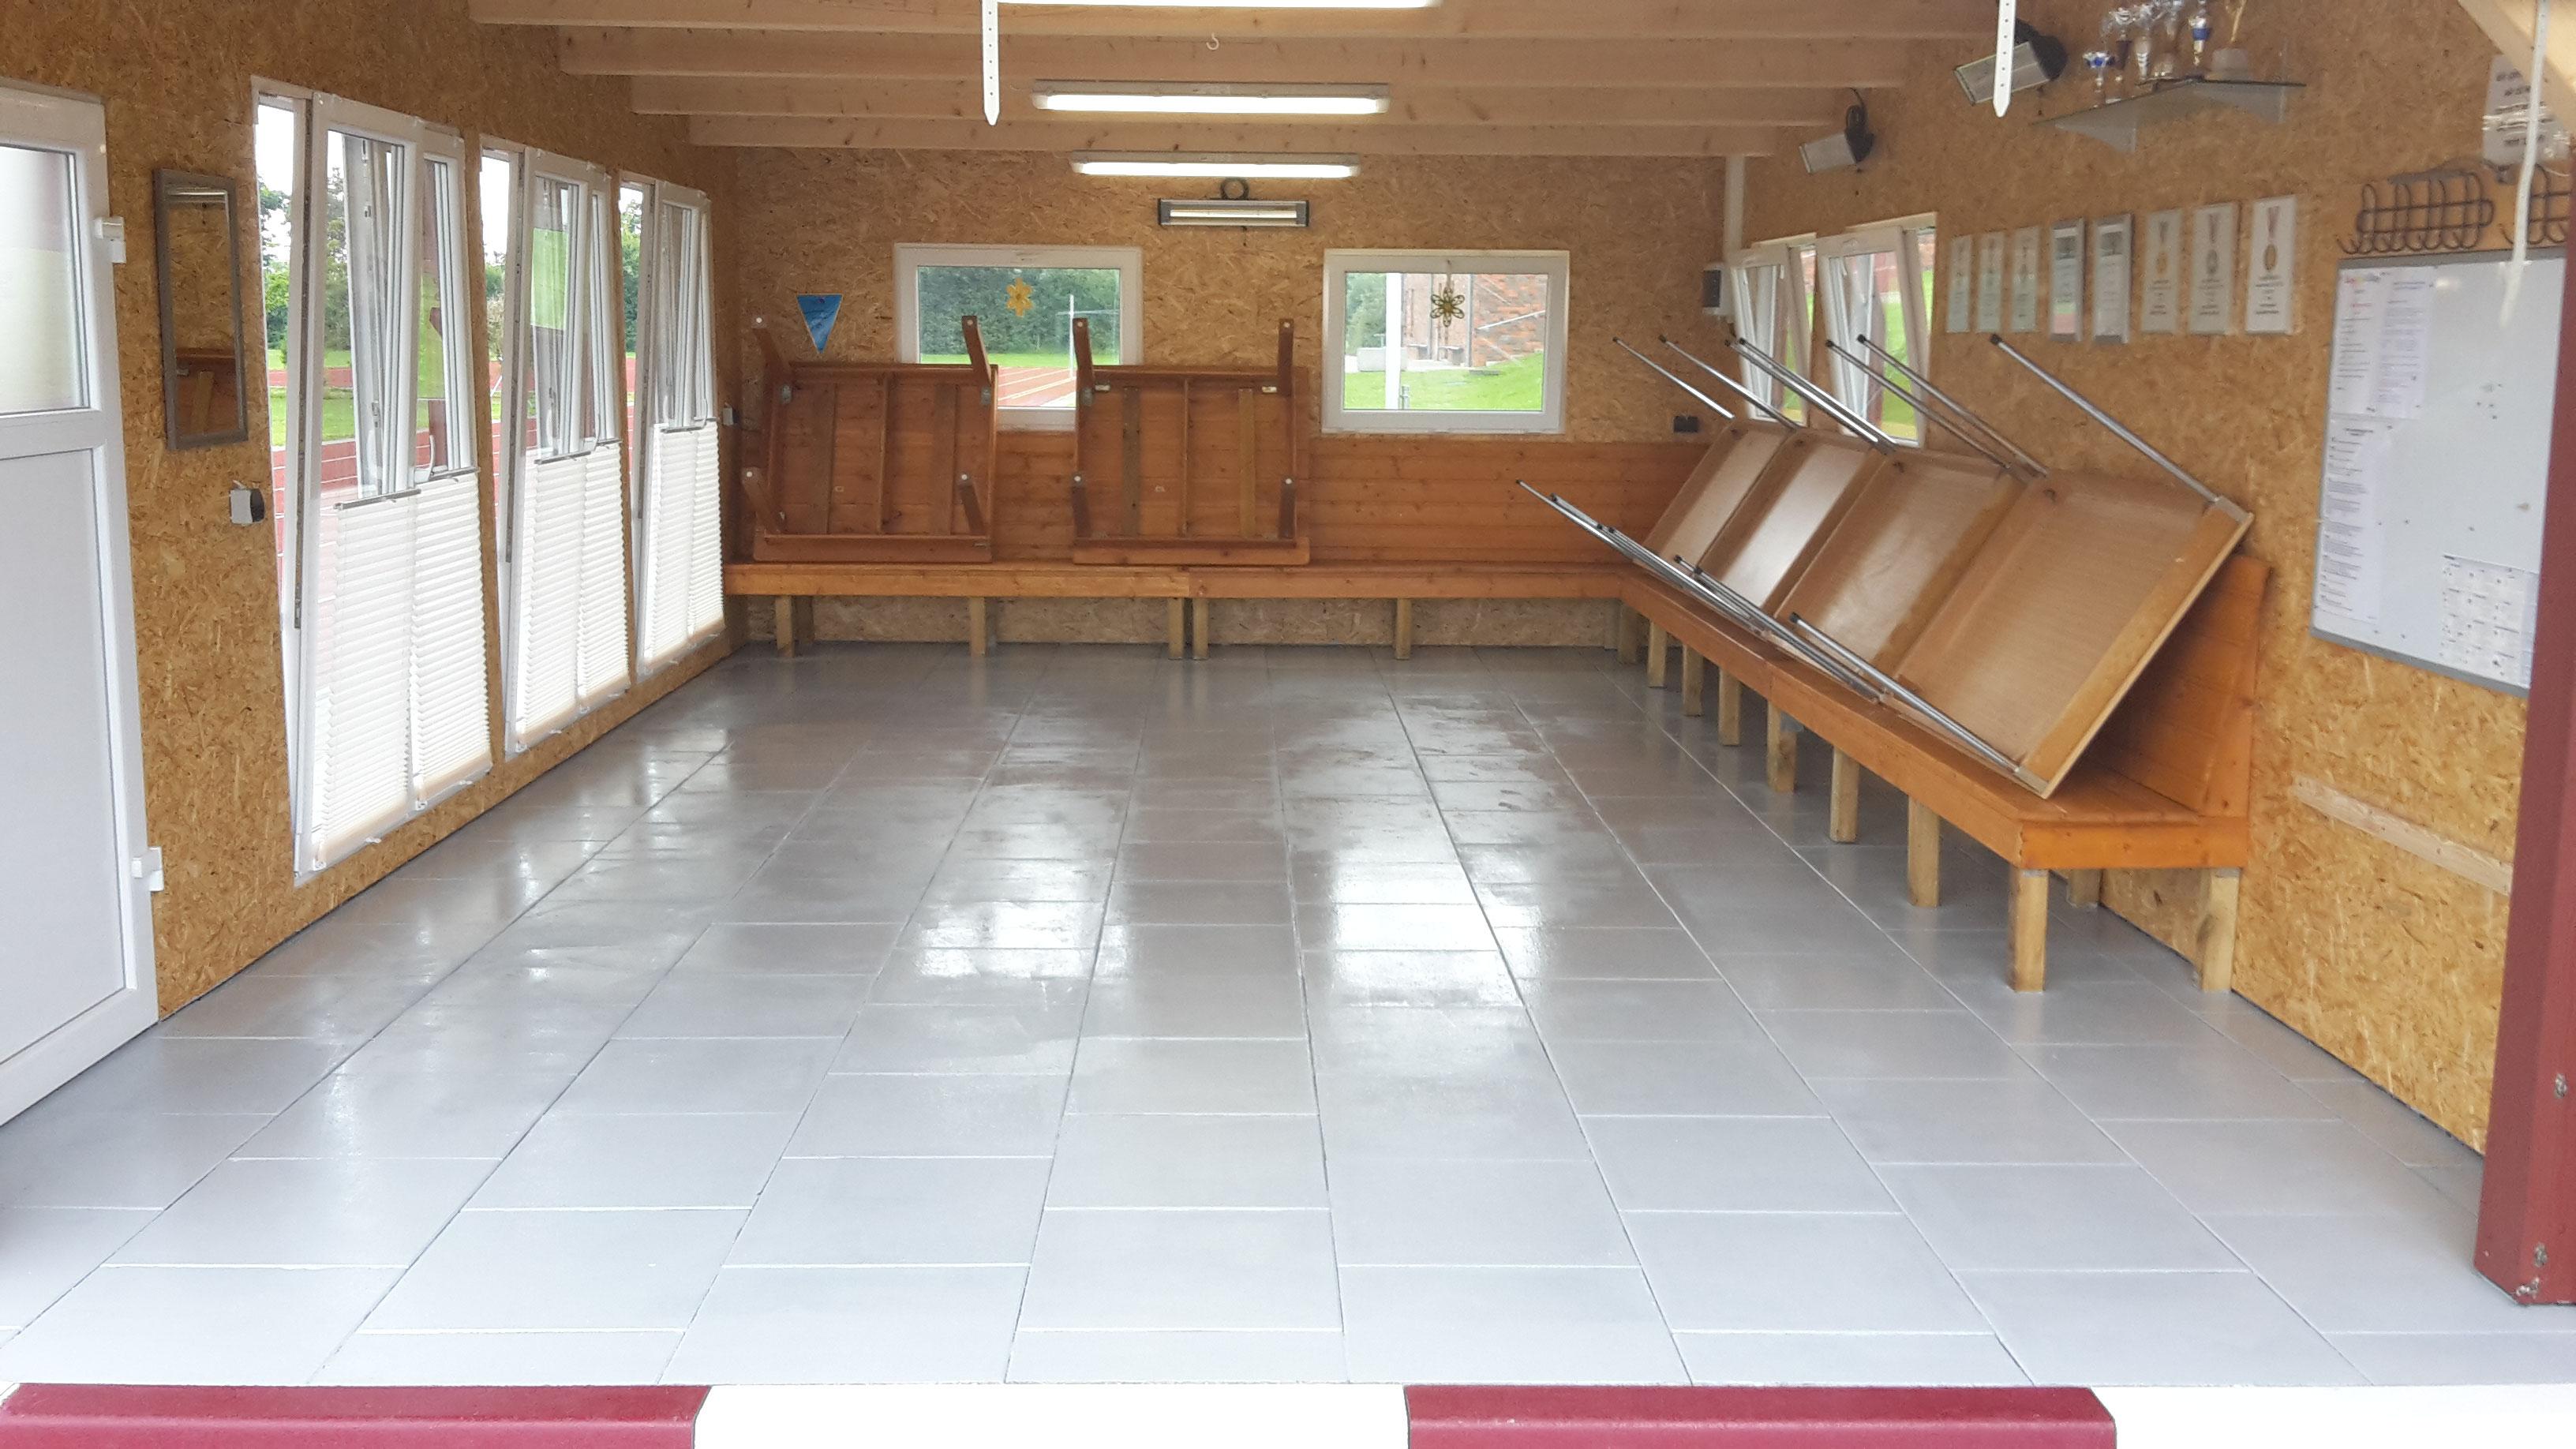 Beton Fußboden Streichen ~ Fußboden streichen die geest bouler